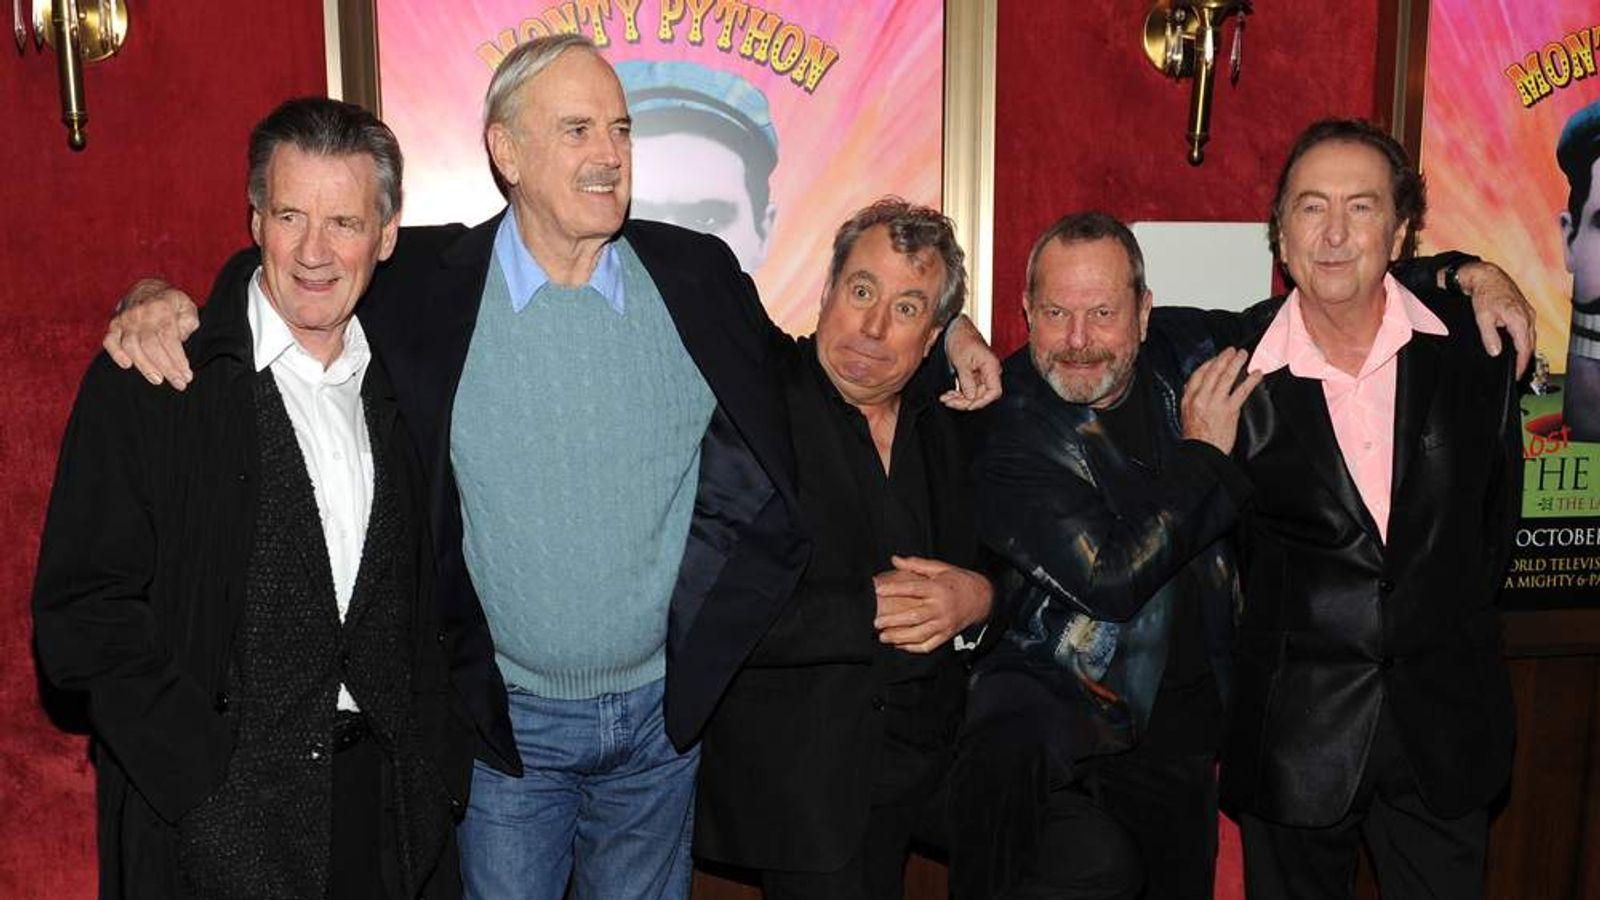 Monty Python stars in 2009